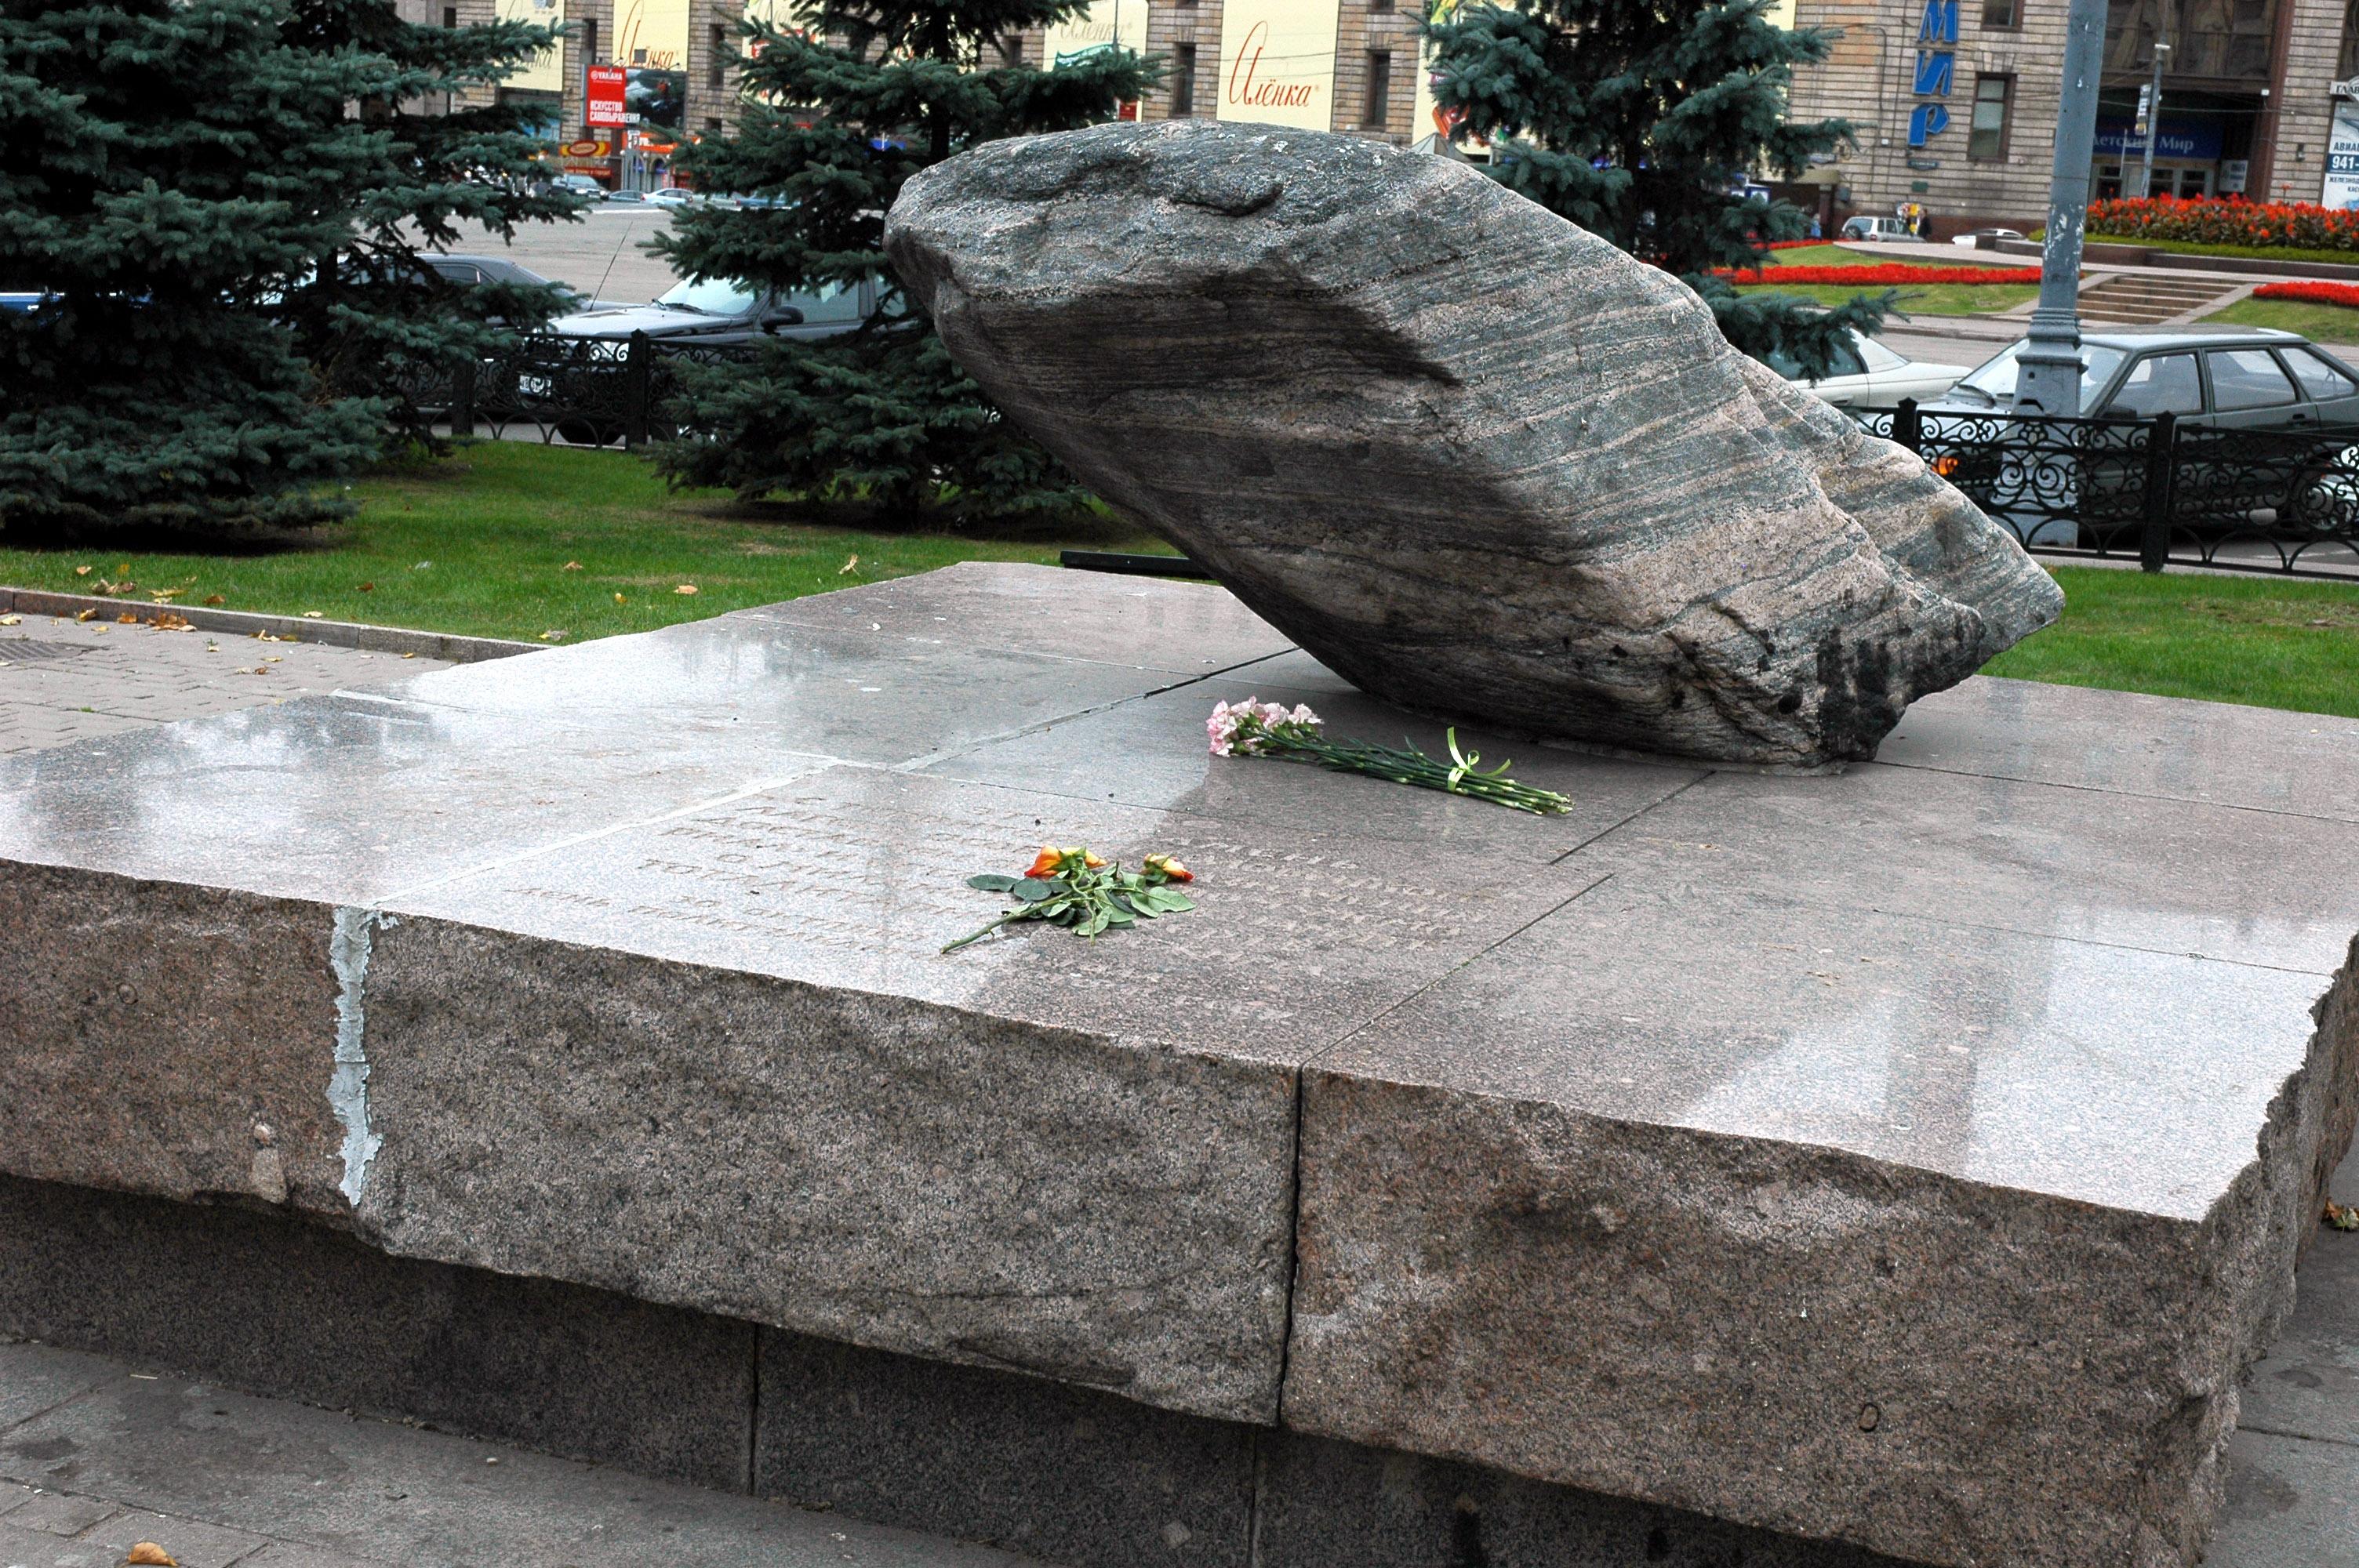 Monumento a las víctimas de la represión política en la Unión Soviética, situado en la plaza Lubianka de Moscú. Está realizado a partir de una roca del campo de trabajos de Solovkí, uno de los primeros que formaron el  Gulag que padecieron destacados genetistas en la  época de Stalin. Foto: Alexei Kouprianov.